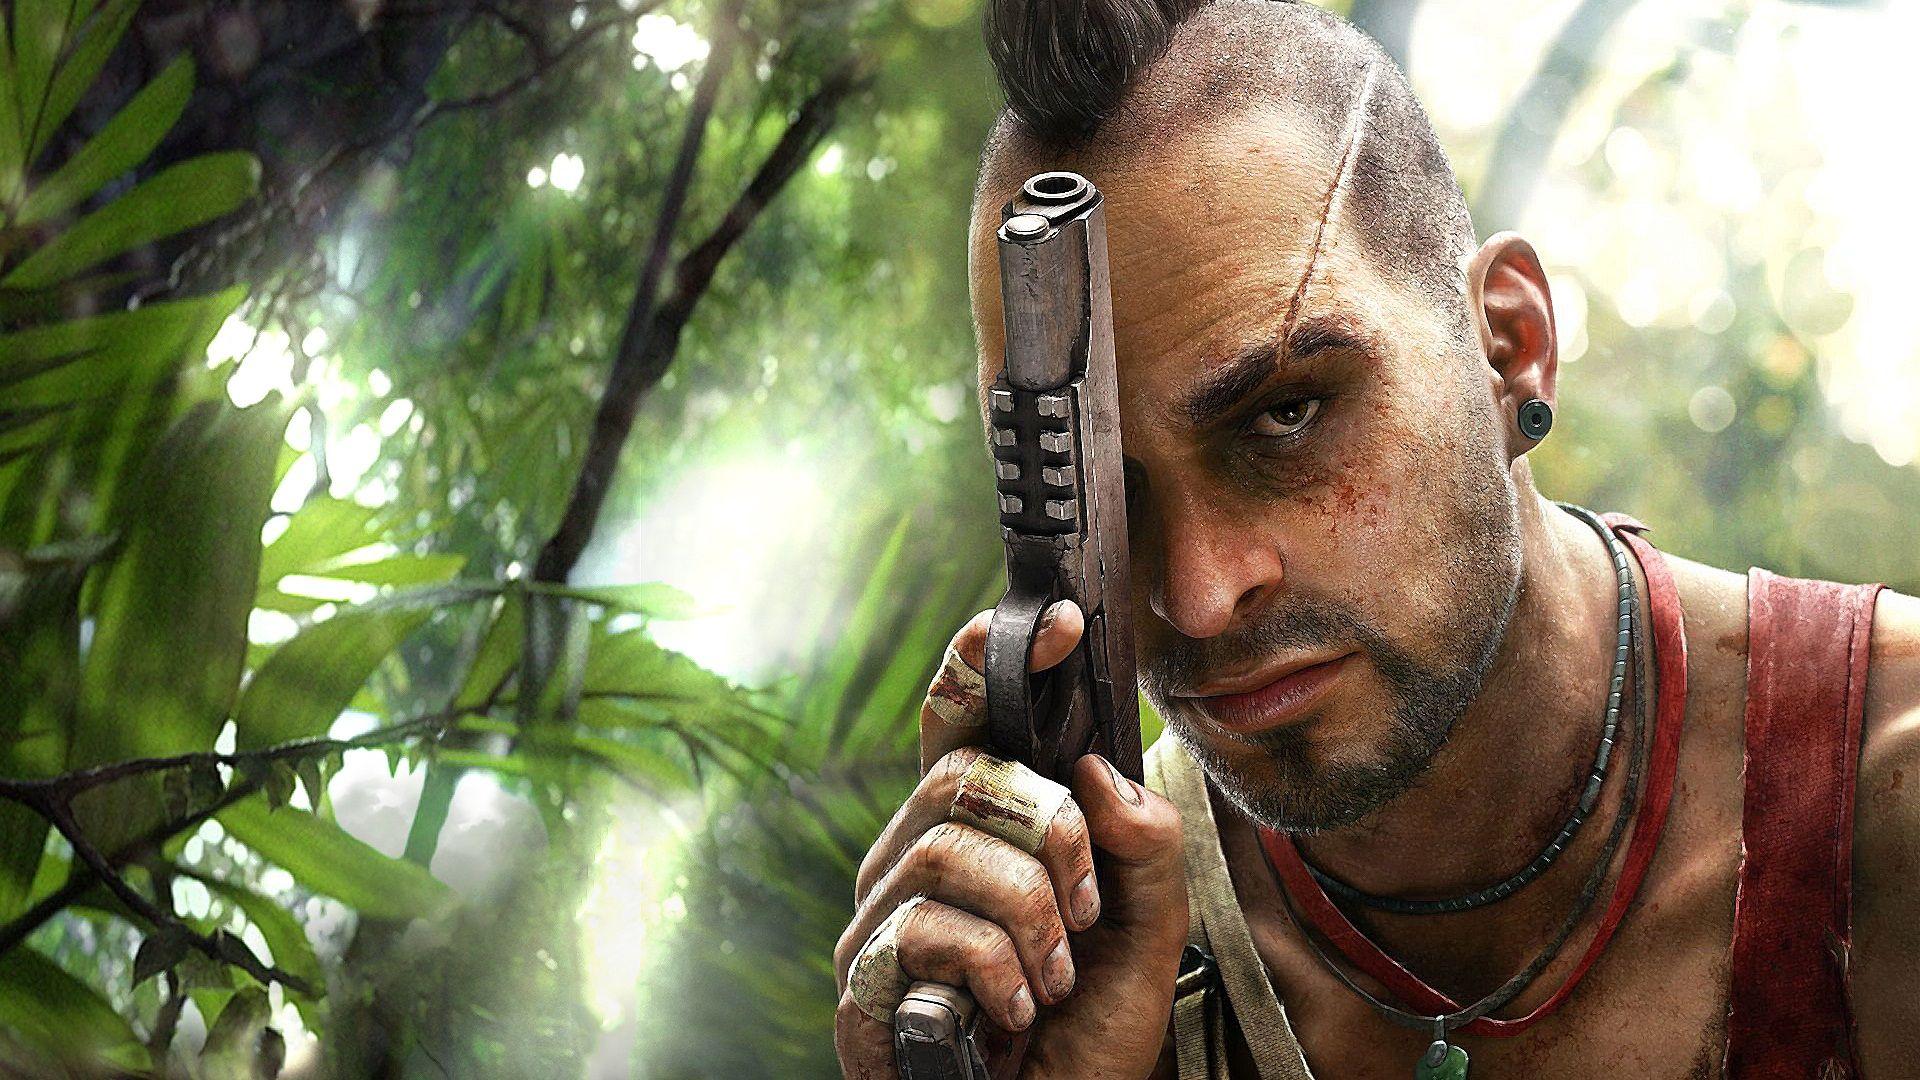 Far Cry 3 Videojuegos, Juego de rol, Fantasía oscura